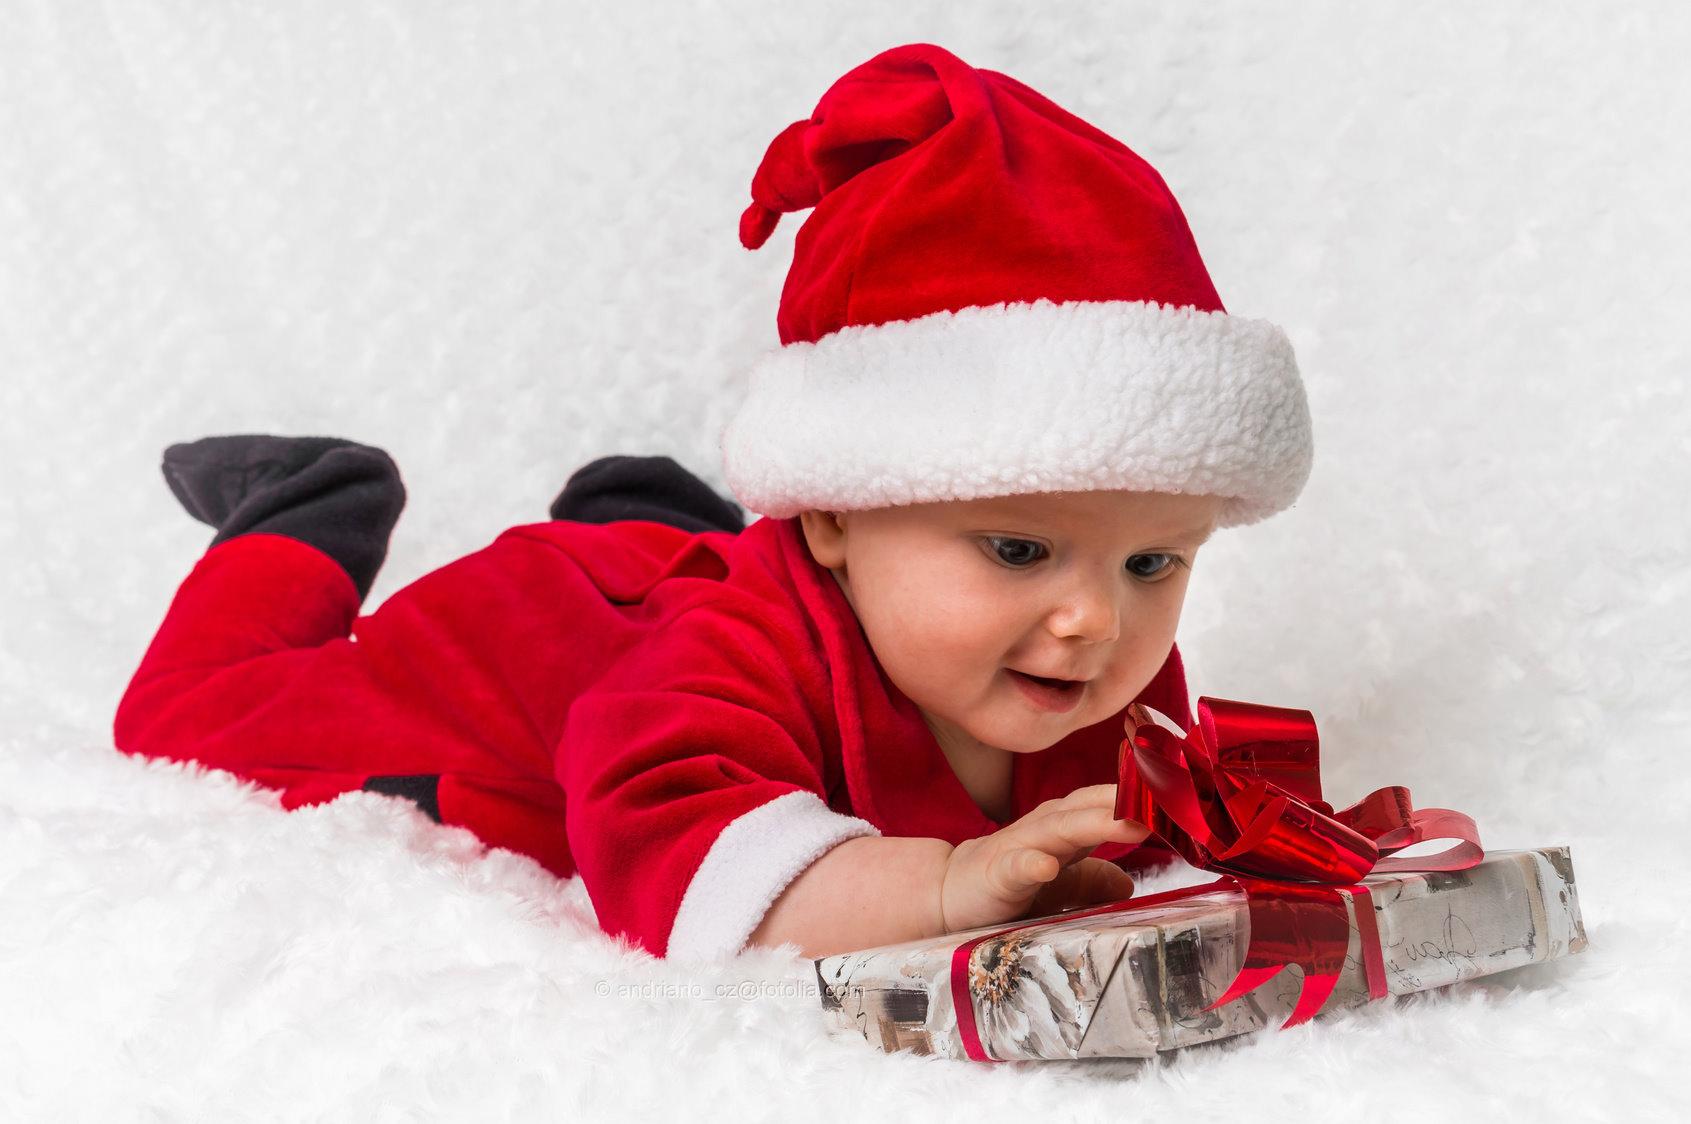 Weihnachtswünsche vom IPSER-Team